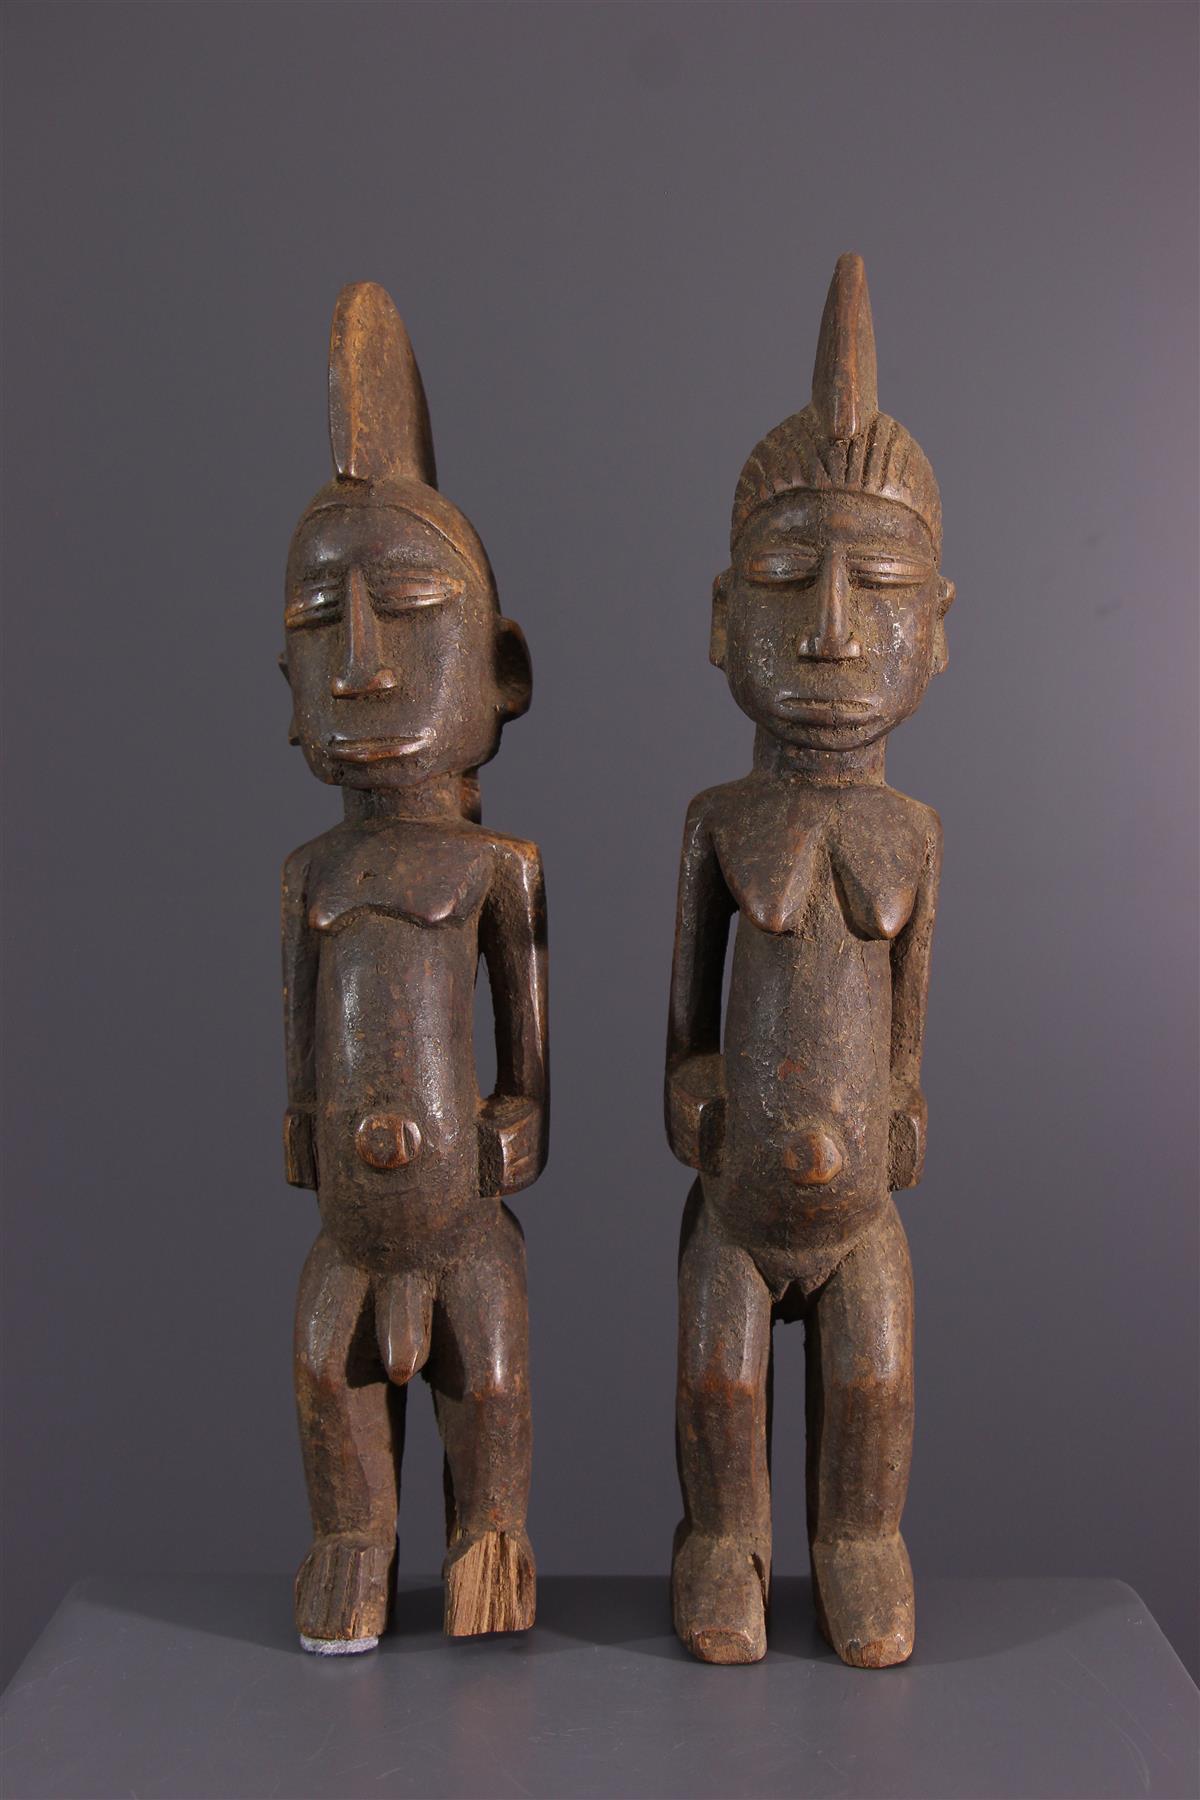 Lobi statues - Tribal art